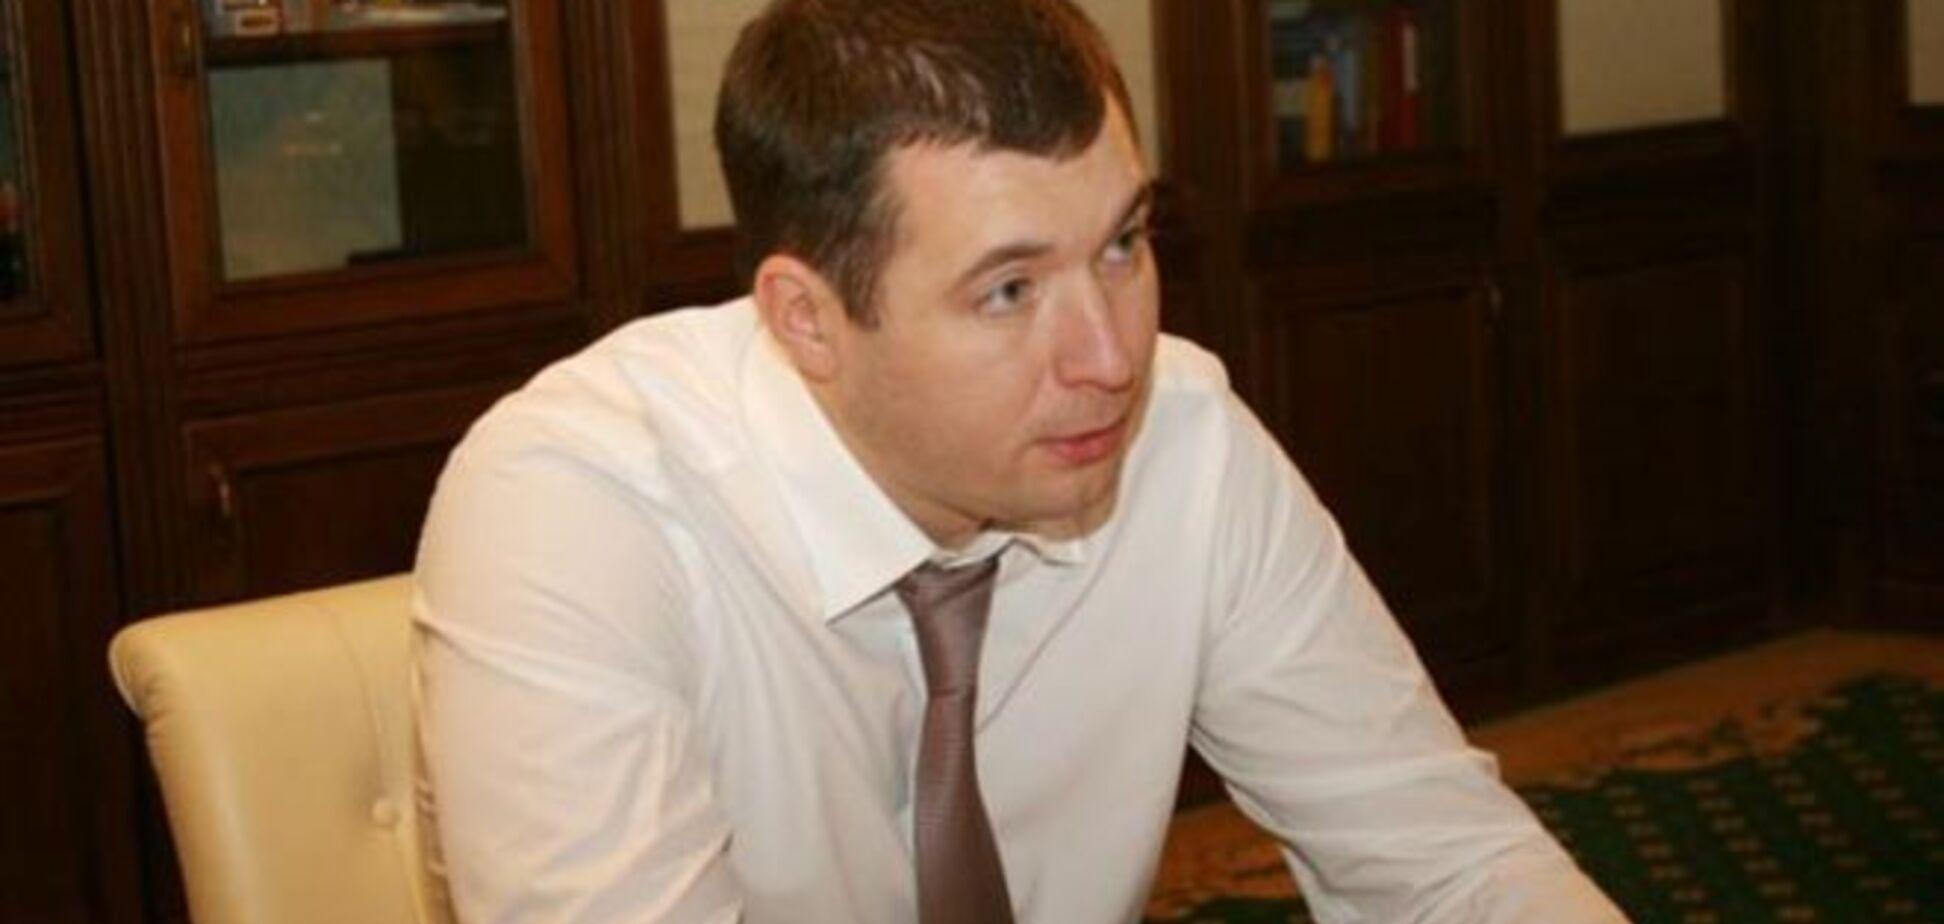 СМИ: прокурор Киева откроет уголовное дело против сына замгенпрокурора